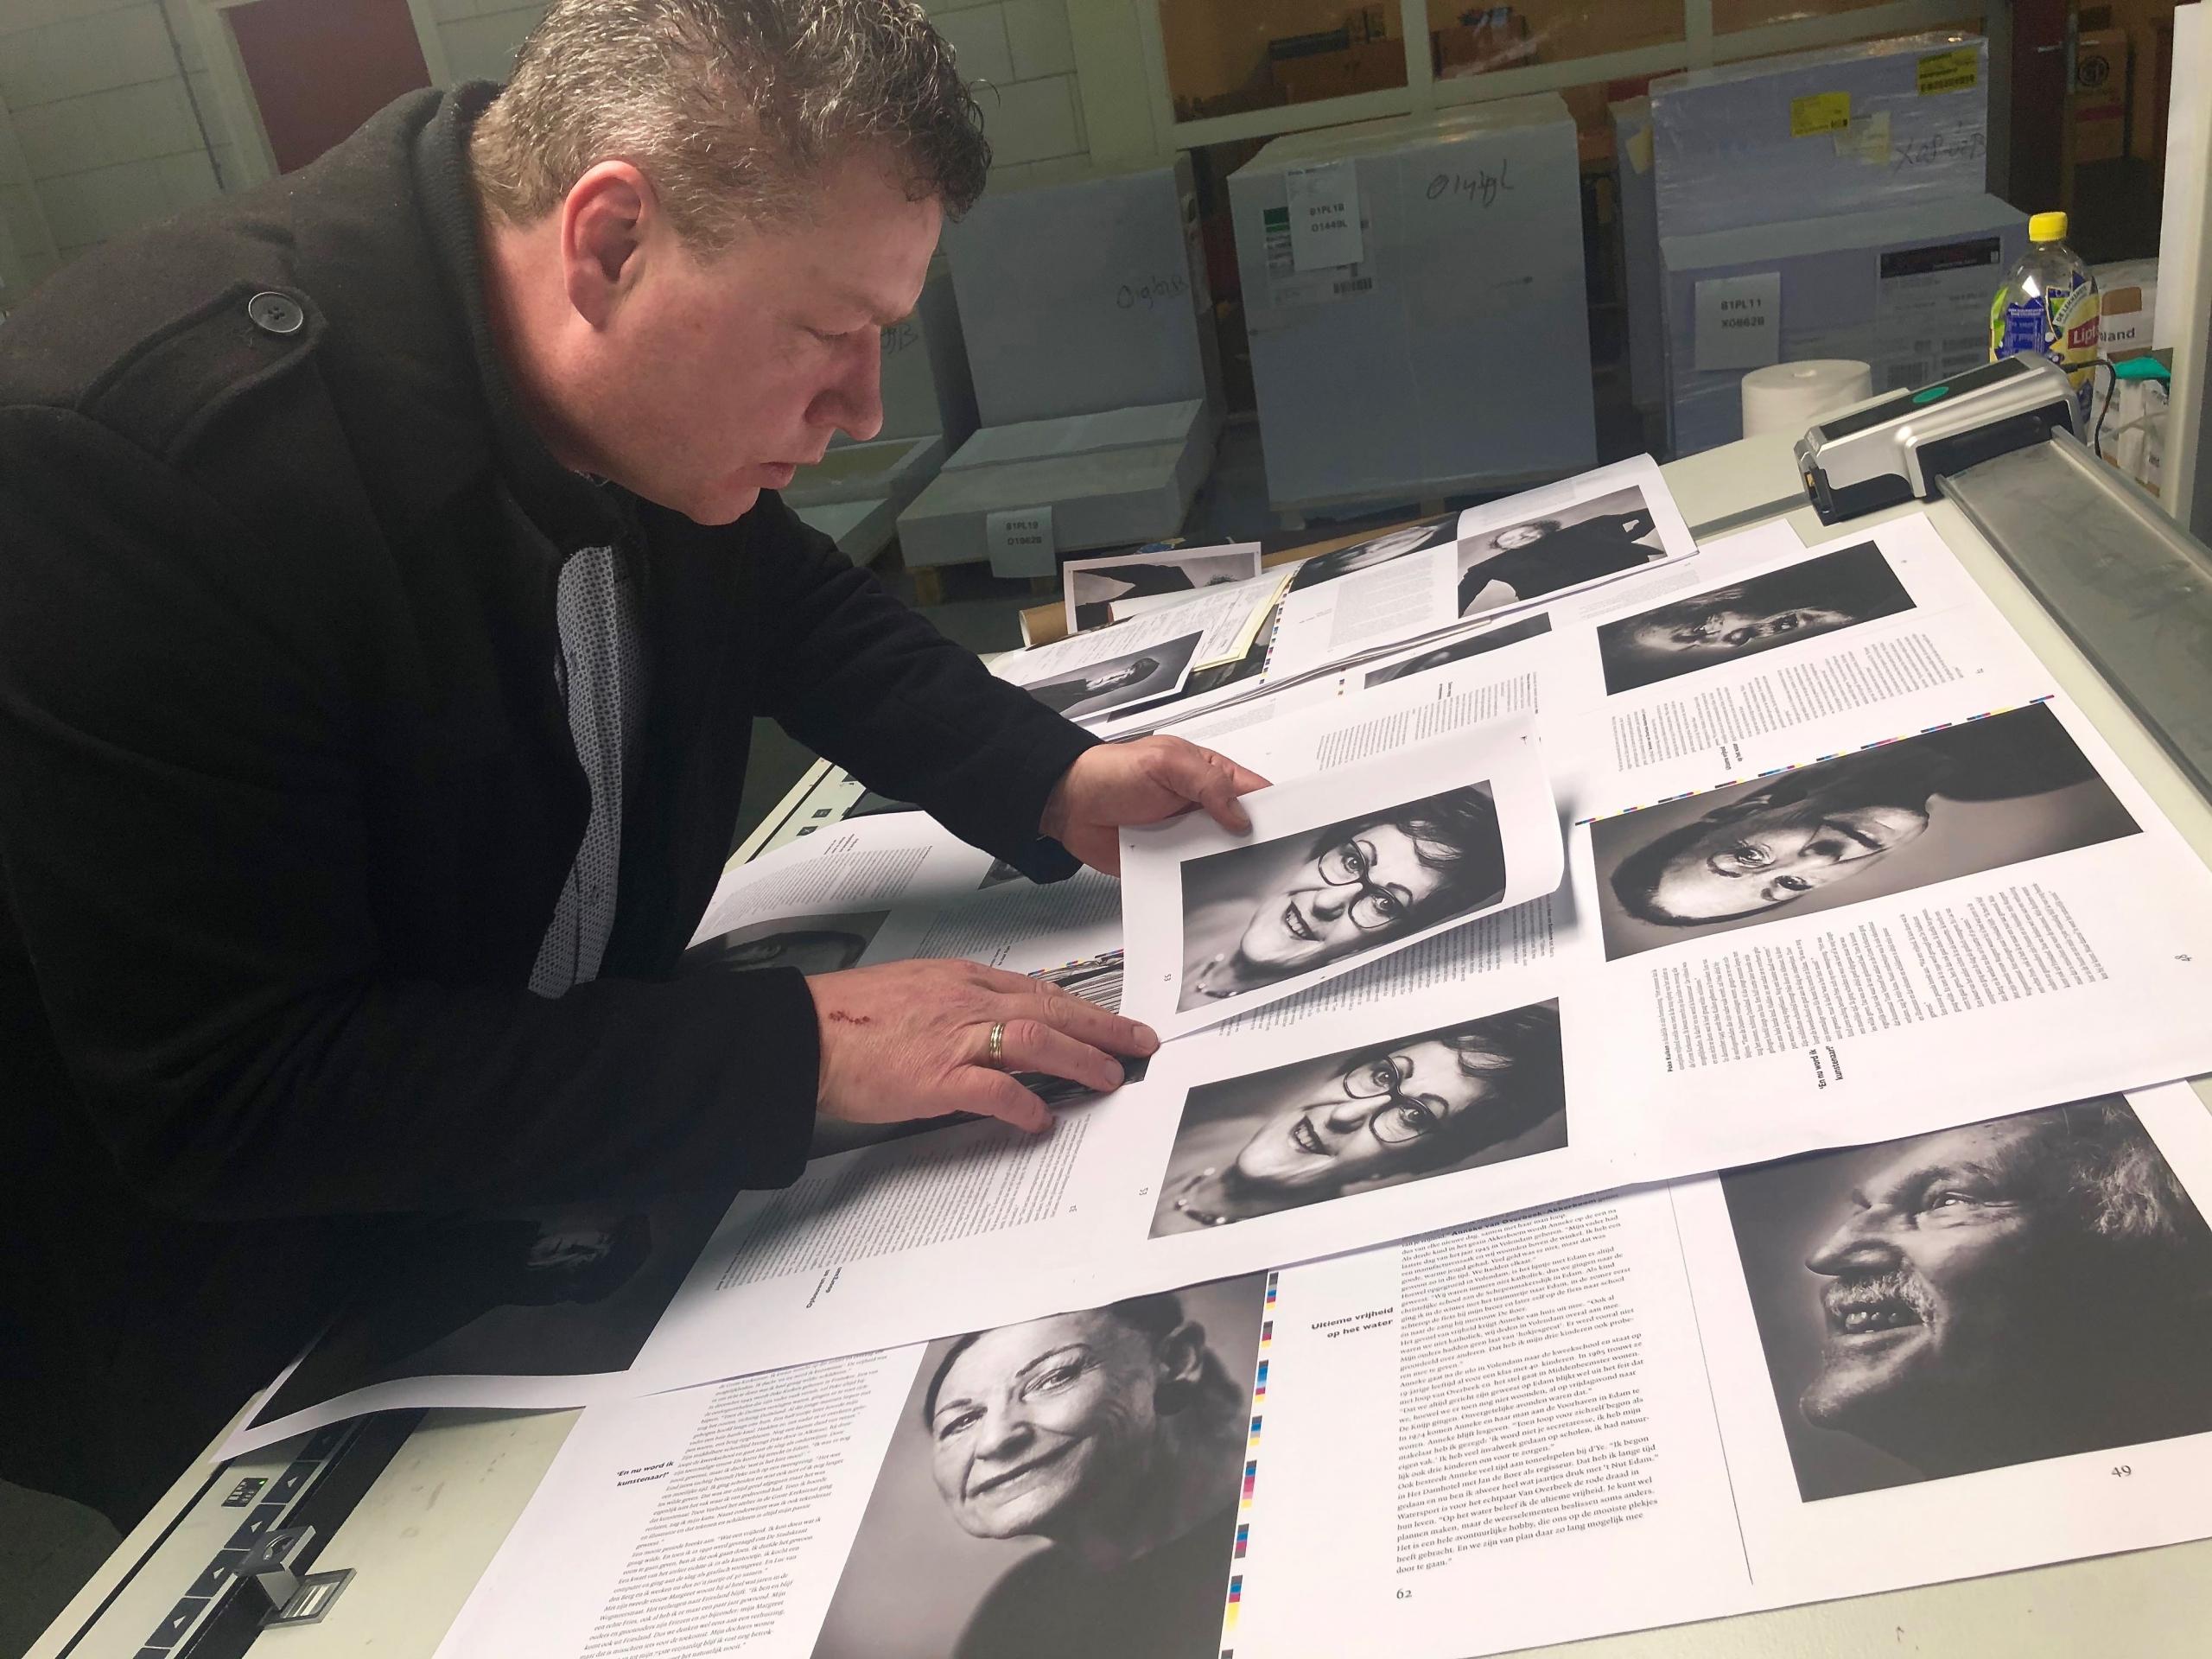 Gekartonneerd Boekje '75 Jaar Vrijheid Edammer Portretten' de eerste drukvellen worden nauwkeurig beoordeeld